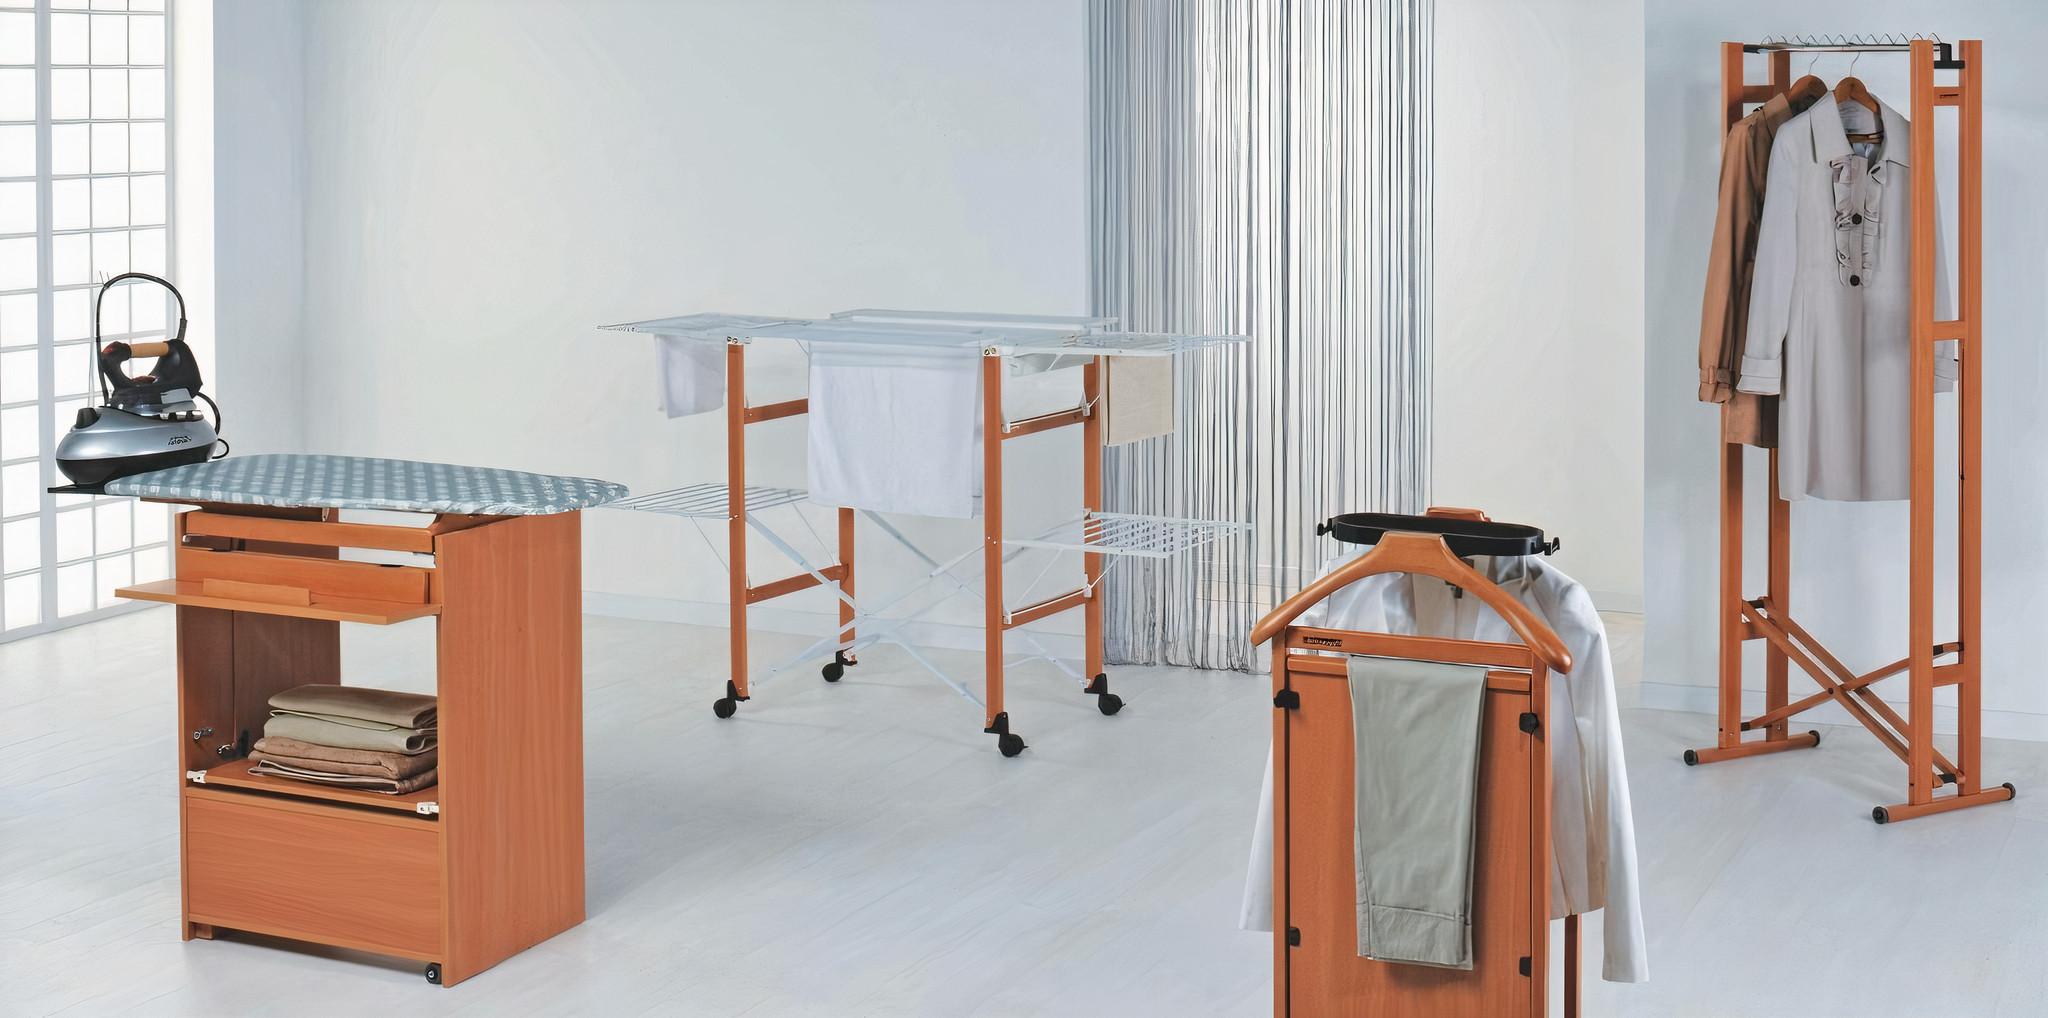 Деревянная мебель: Гладильная доска, сушилка для белья, тумба и напольная вешалка от бренда Foppapedretti, белые стены и пол, окно